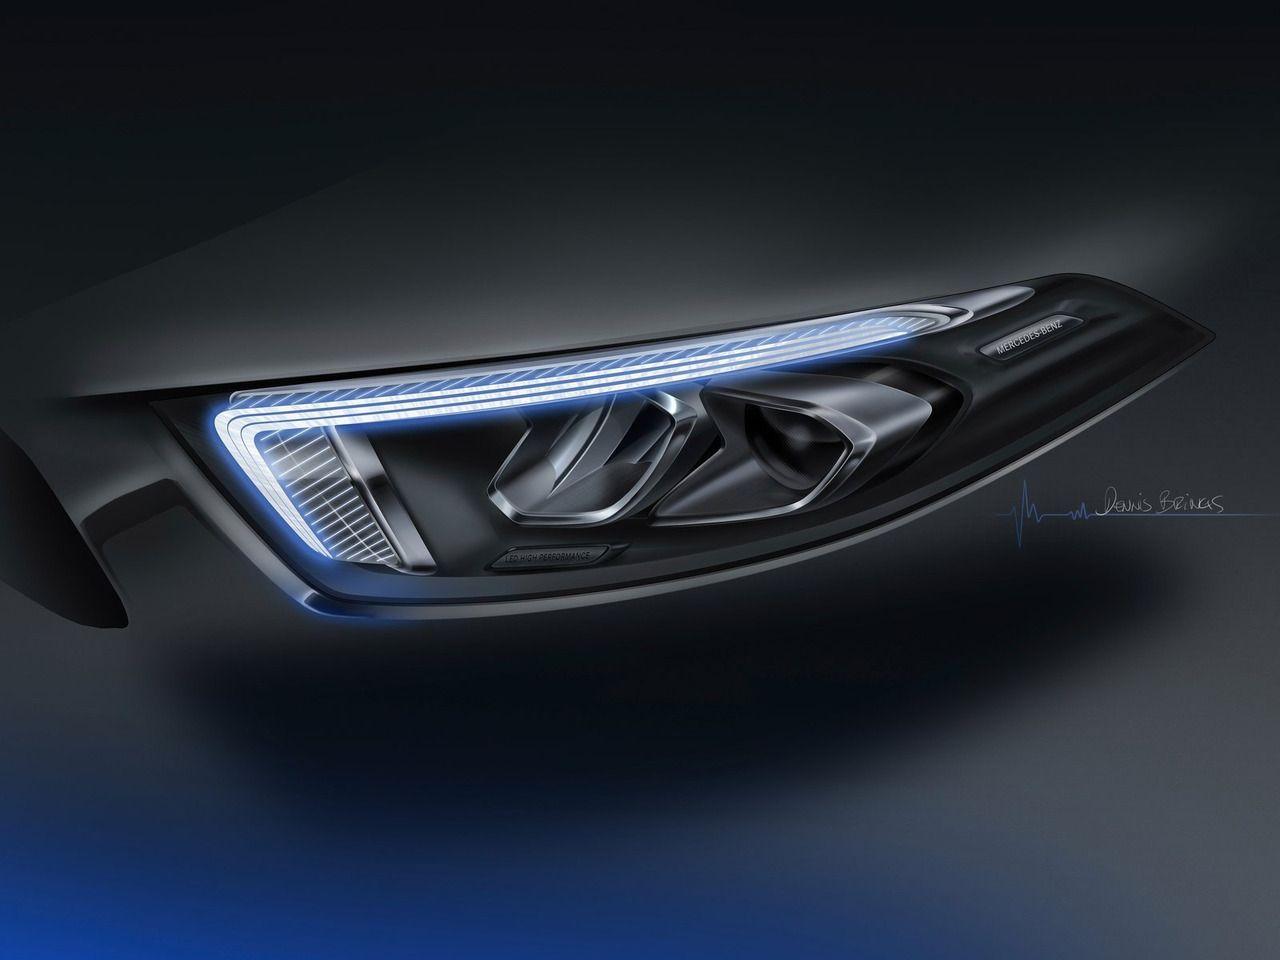 Mercedes-Benz A-Class (2019) Headlight sketch | Car headlights